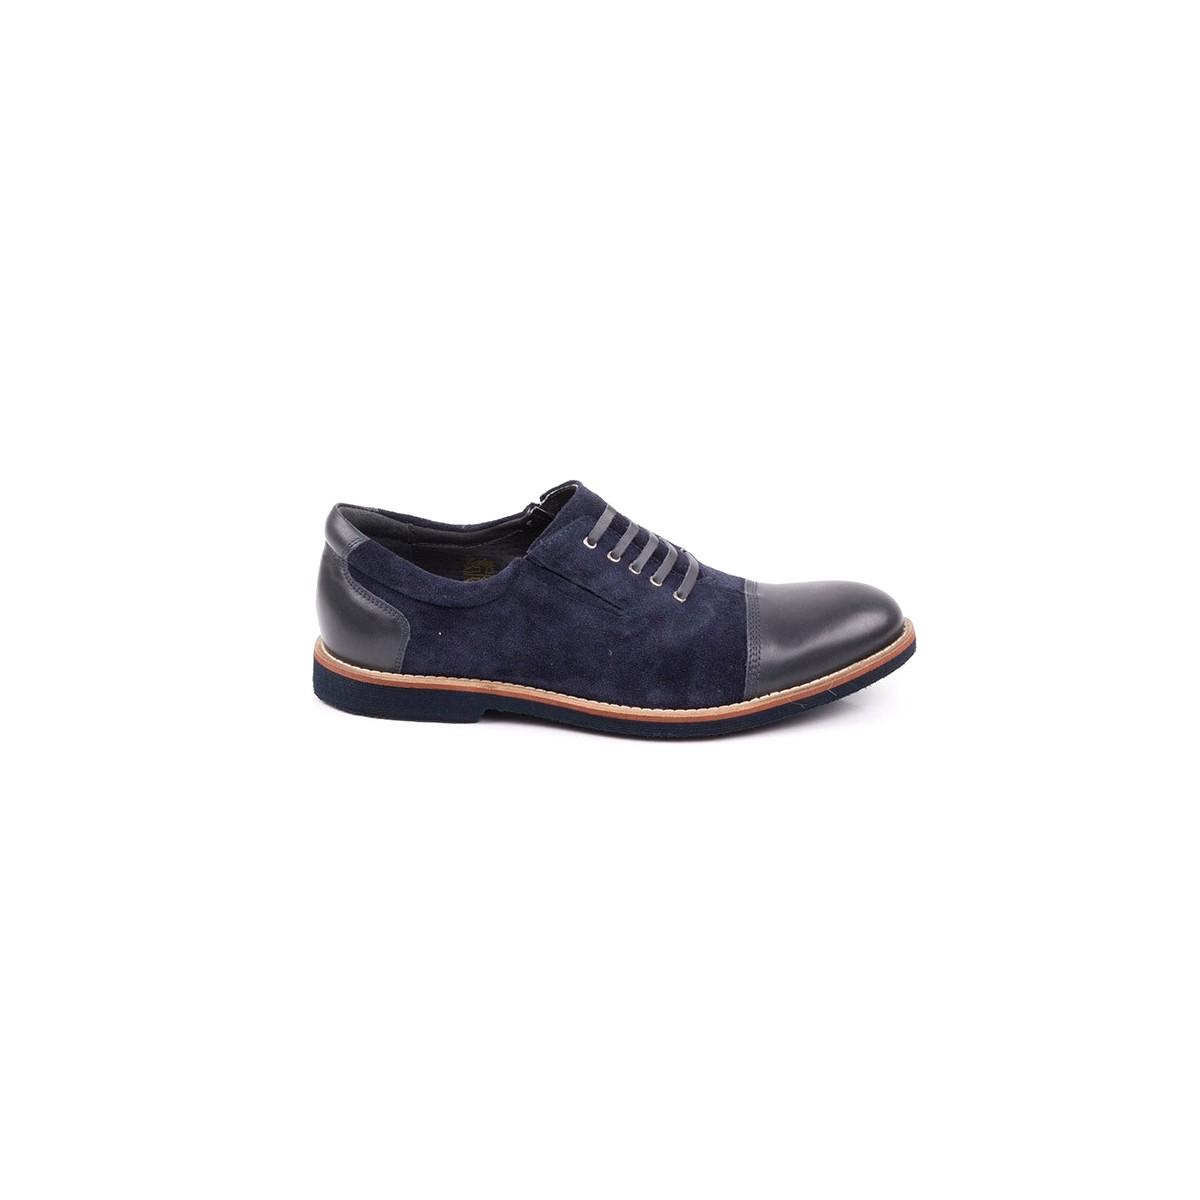 Alegerea Pantofilor Barbatesti Din Piele Este O Alegere… Naturala!